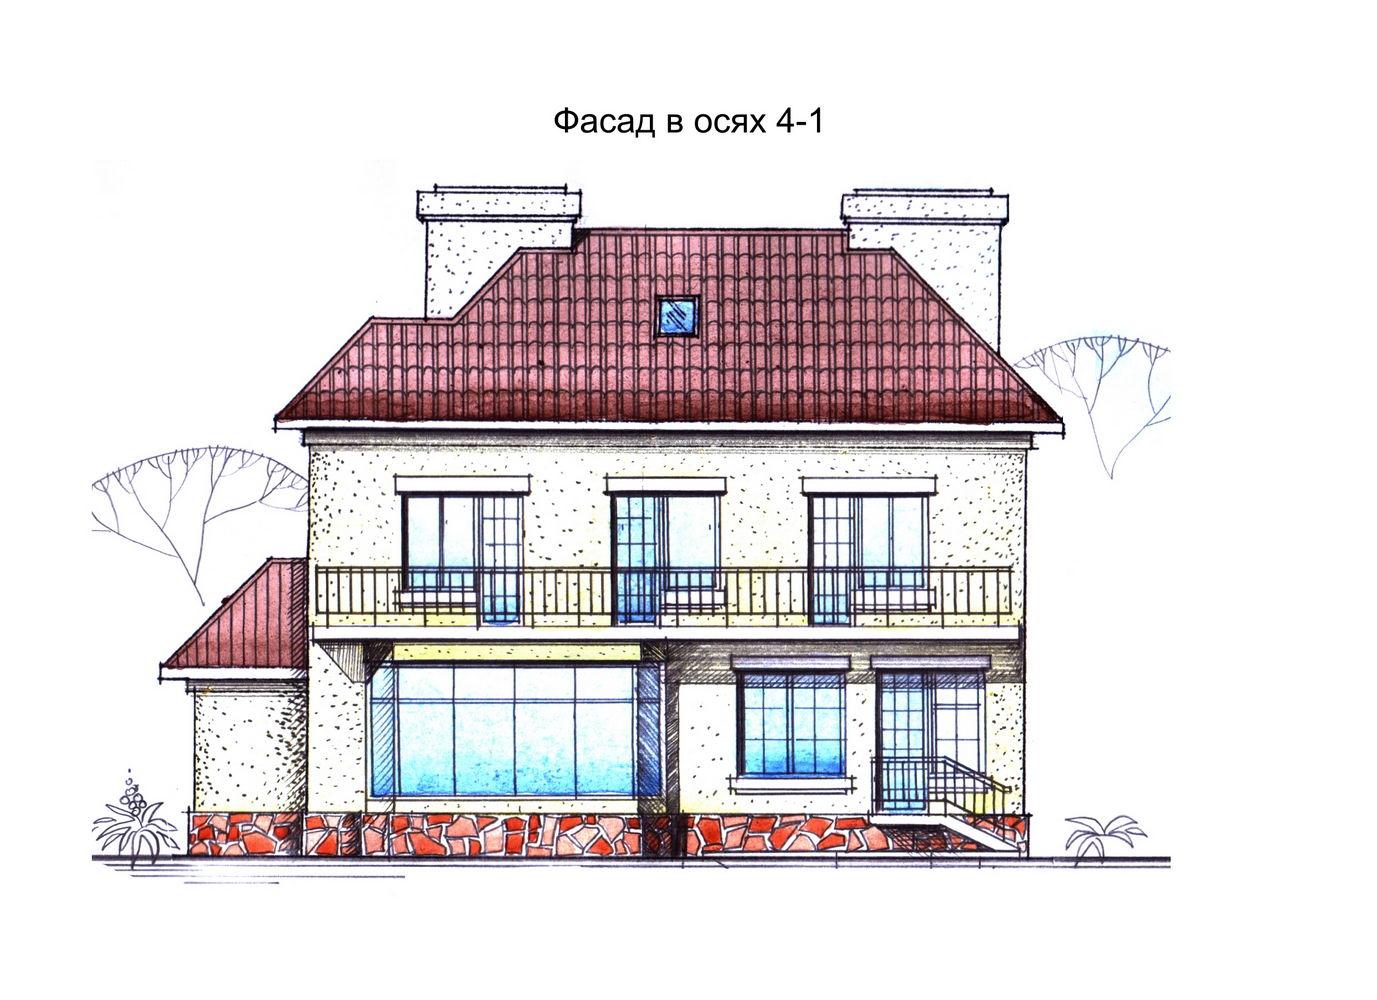 Программу проектирование рубленных домов